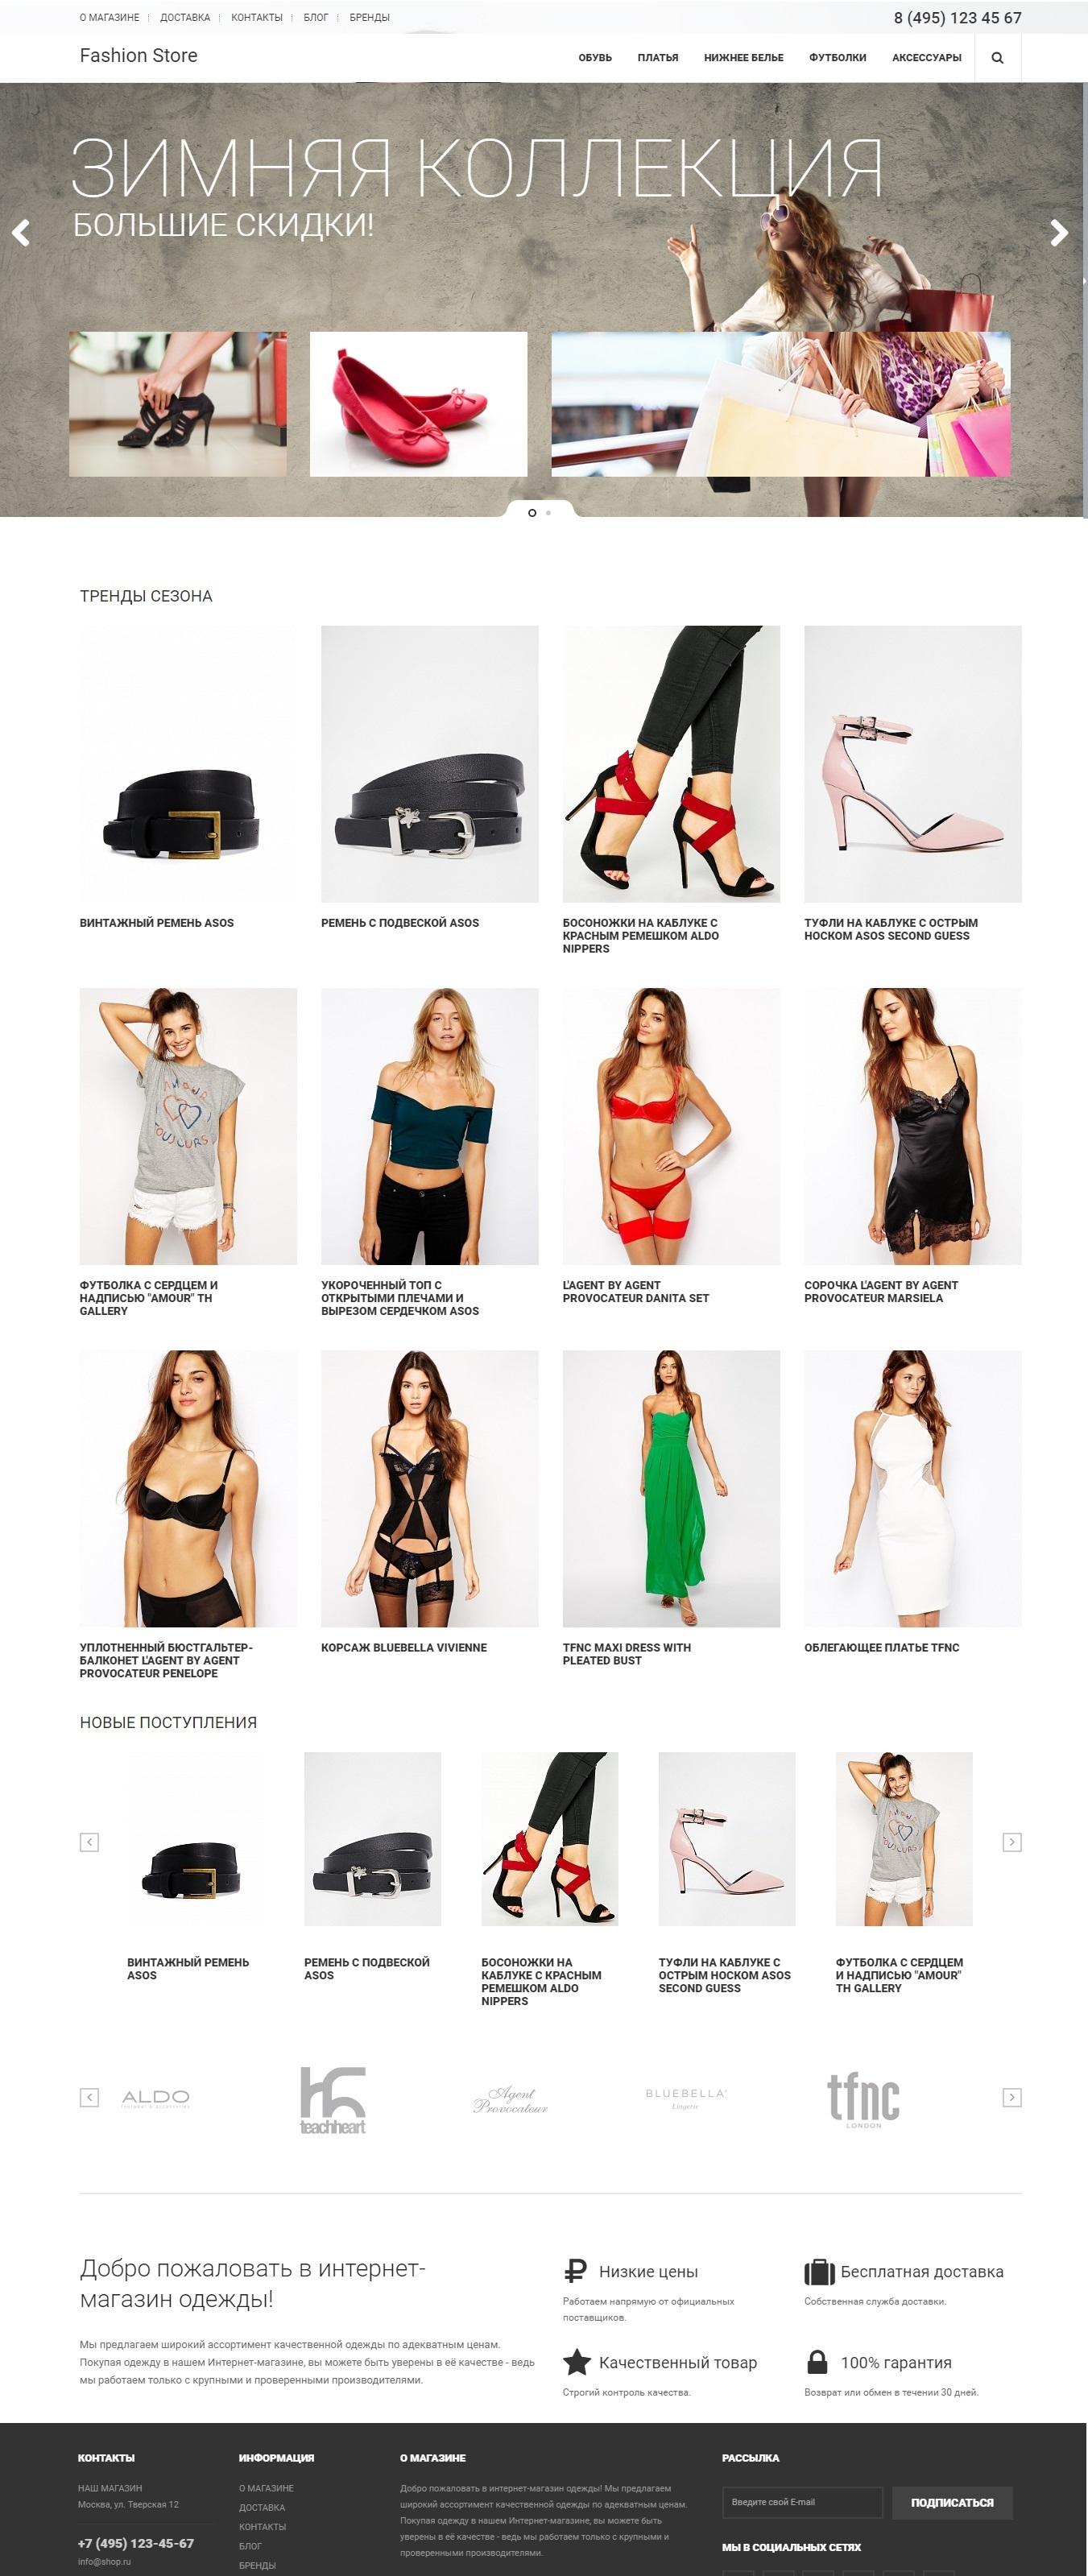 Готовый интернет-магазин одежды - 45899 рублей